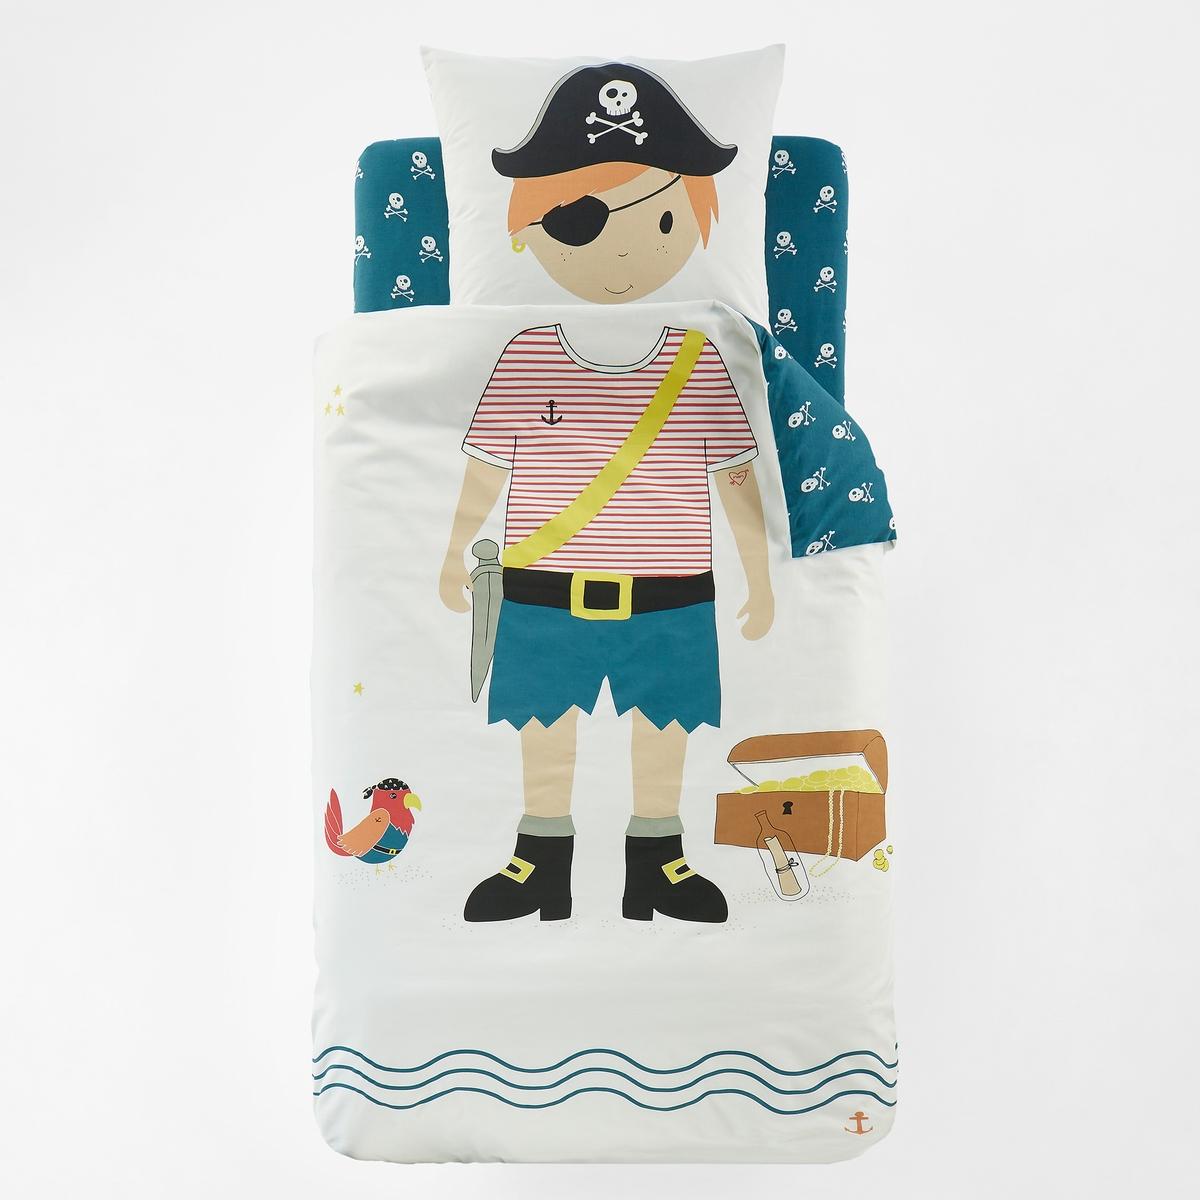 Пододеяльник с принтом JACKОписание:Пододеяльник с принтом, JACK . Какой ребёнок не мечтал хотя бы раз побыть пиратом южных морей? В это постельное белье нельзя не влюбиться !Характеристики пододеяльника JACK :Клапан для заправки под матрас.Лицевая сторона с рисунком « пират » на белом фоне, оборотная сторона - с мелким принтом черепа на зеленом фоне .100% хлопок, 57 нитей/см? ( чем больше нитей /см?, тем качественнее ткань) .Легкость ухода.Машинная стирка при 60 °С.Если вы хотите составить пирата Джека целиком, найдите весь комплект JACK на нашем сайте laredoute.ruЗнак Oeko-Tex® гарантирует, что товары прошли проверку и были изготовлены без применения вредных для здоровья человека веществ.Размеры :  140 x 200 см : 1-спальный<br><br>Цвет: рисунок разноцветный